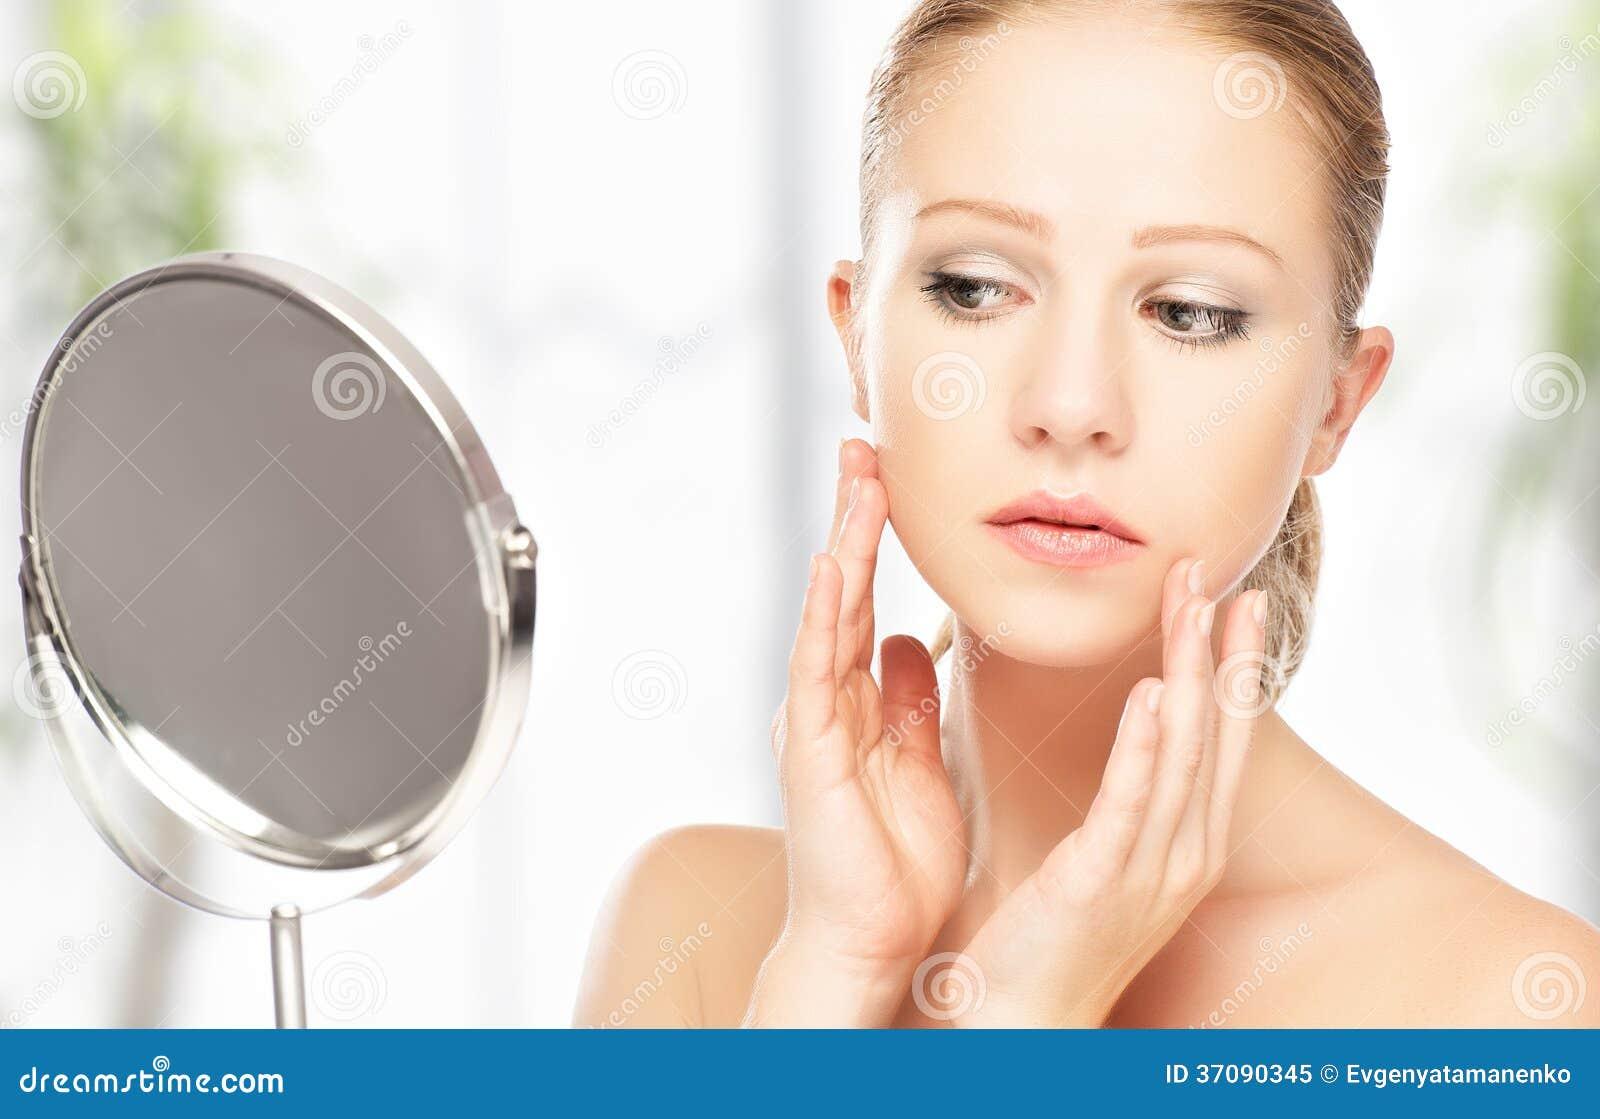 Download Młoda Piękna Zdrowa Kobieta I Odbicie W Lustrze Obraz Stock - Obraz złożonej z ludzie, higiena: 37090345